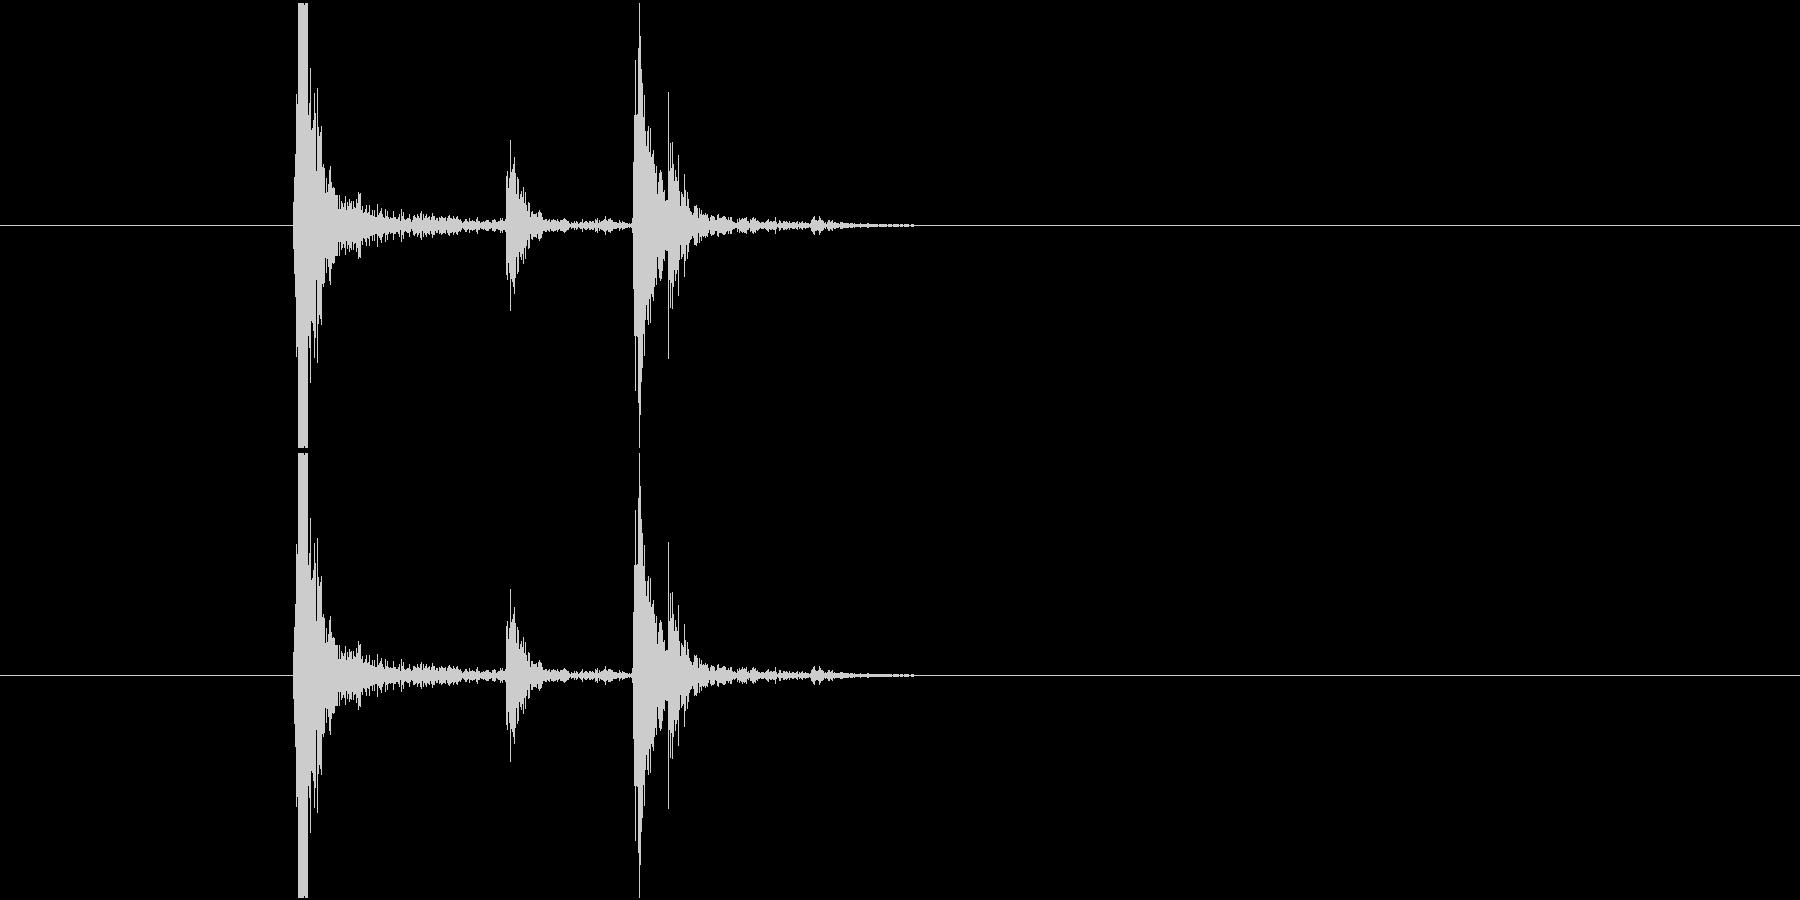 Ohashi 食卓に箸を置く音 ご馳走様の未再生の波形